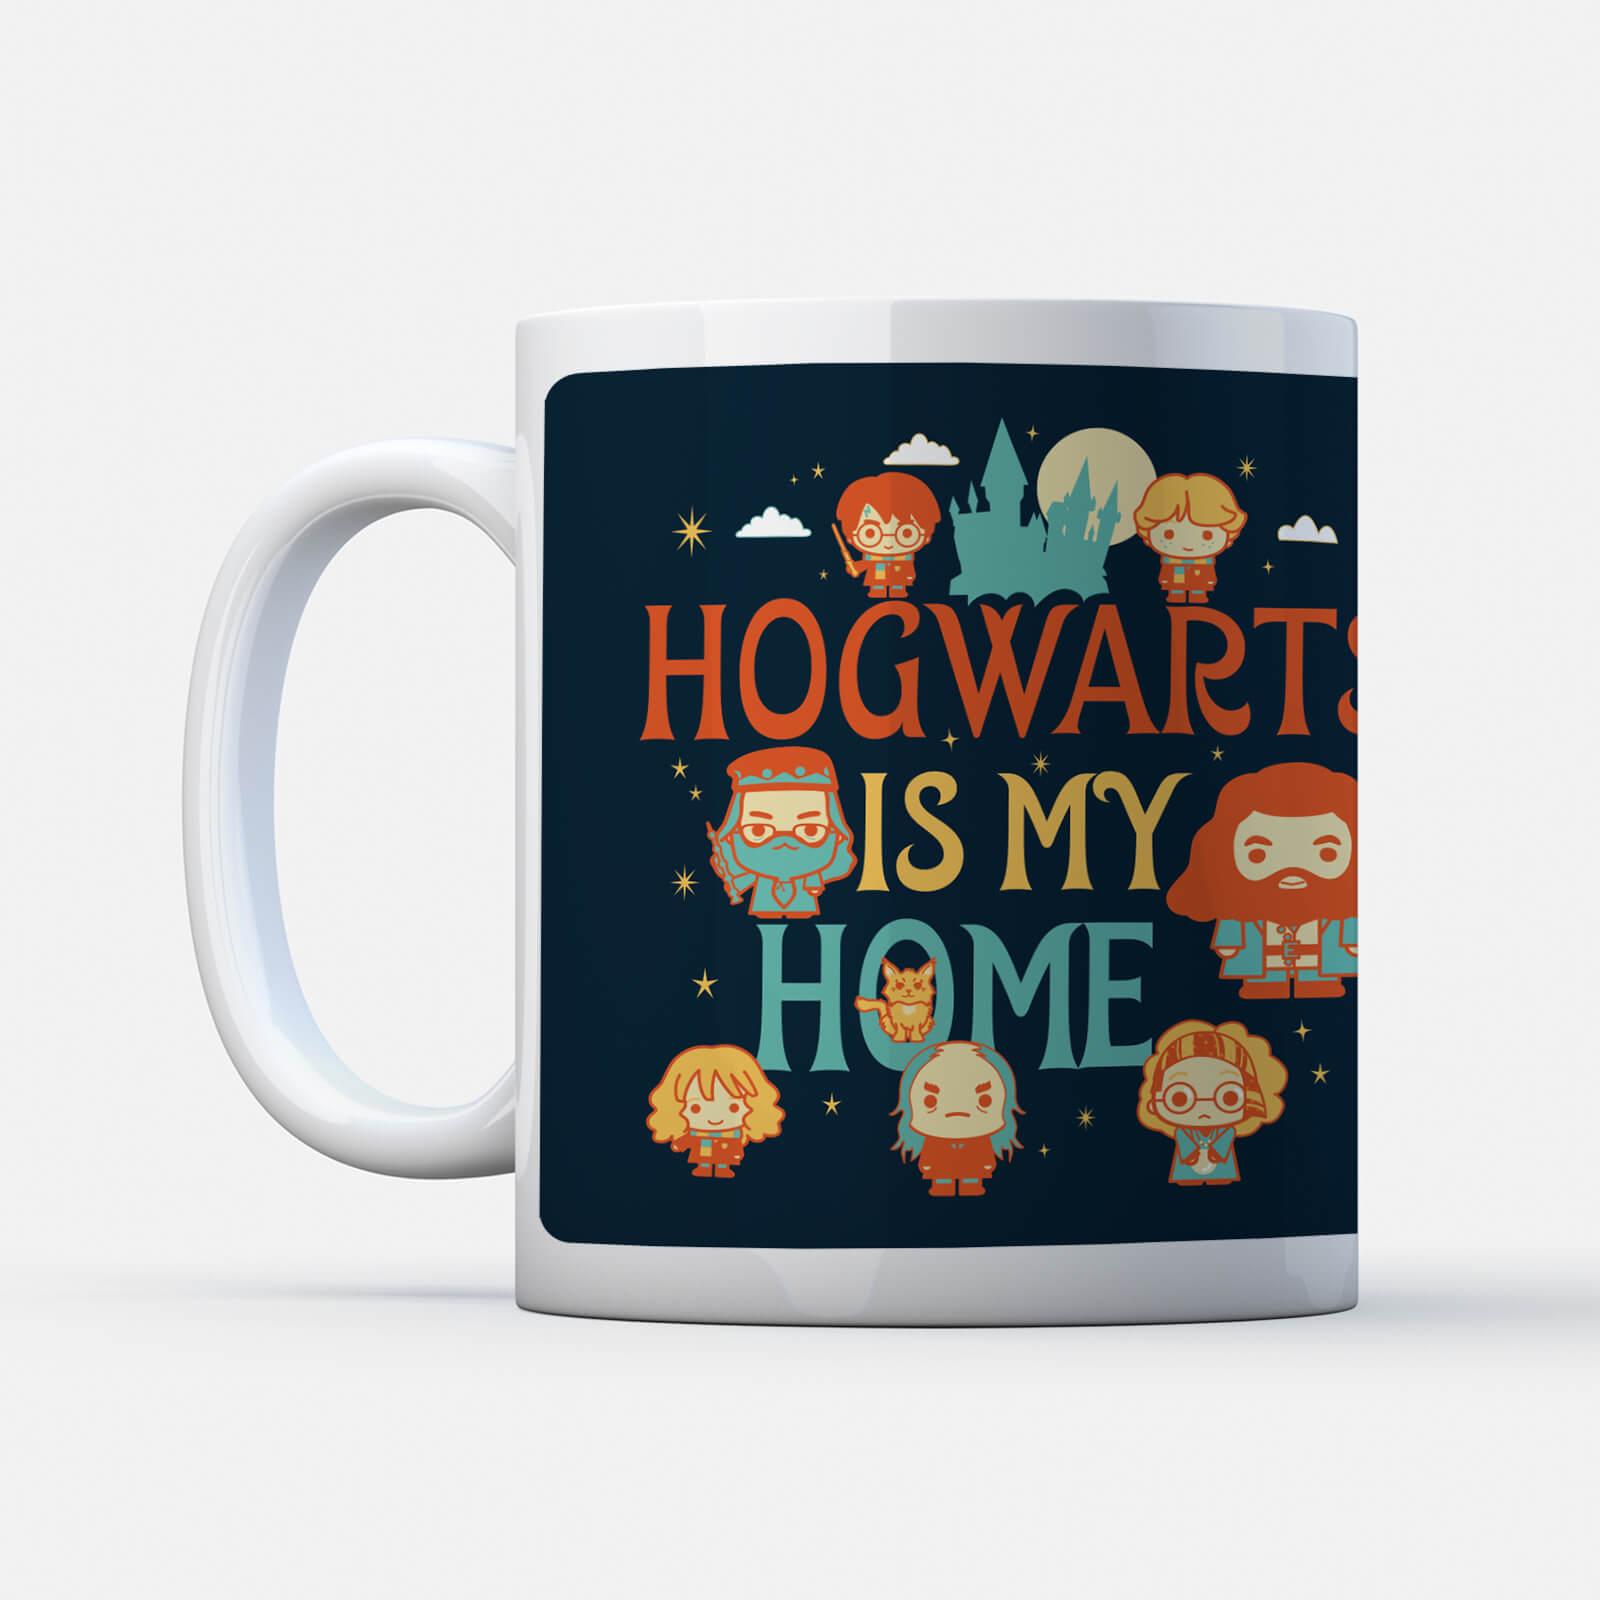 4 mokken naar keuze voor €17 - o.a. bekende franchises als Harry Potter / Friends / Back To The Future en meer